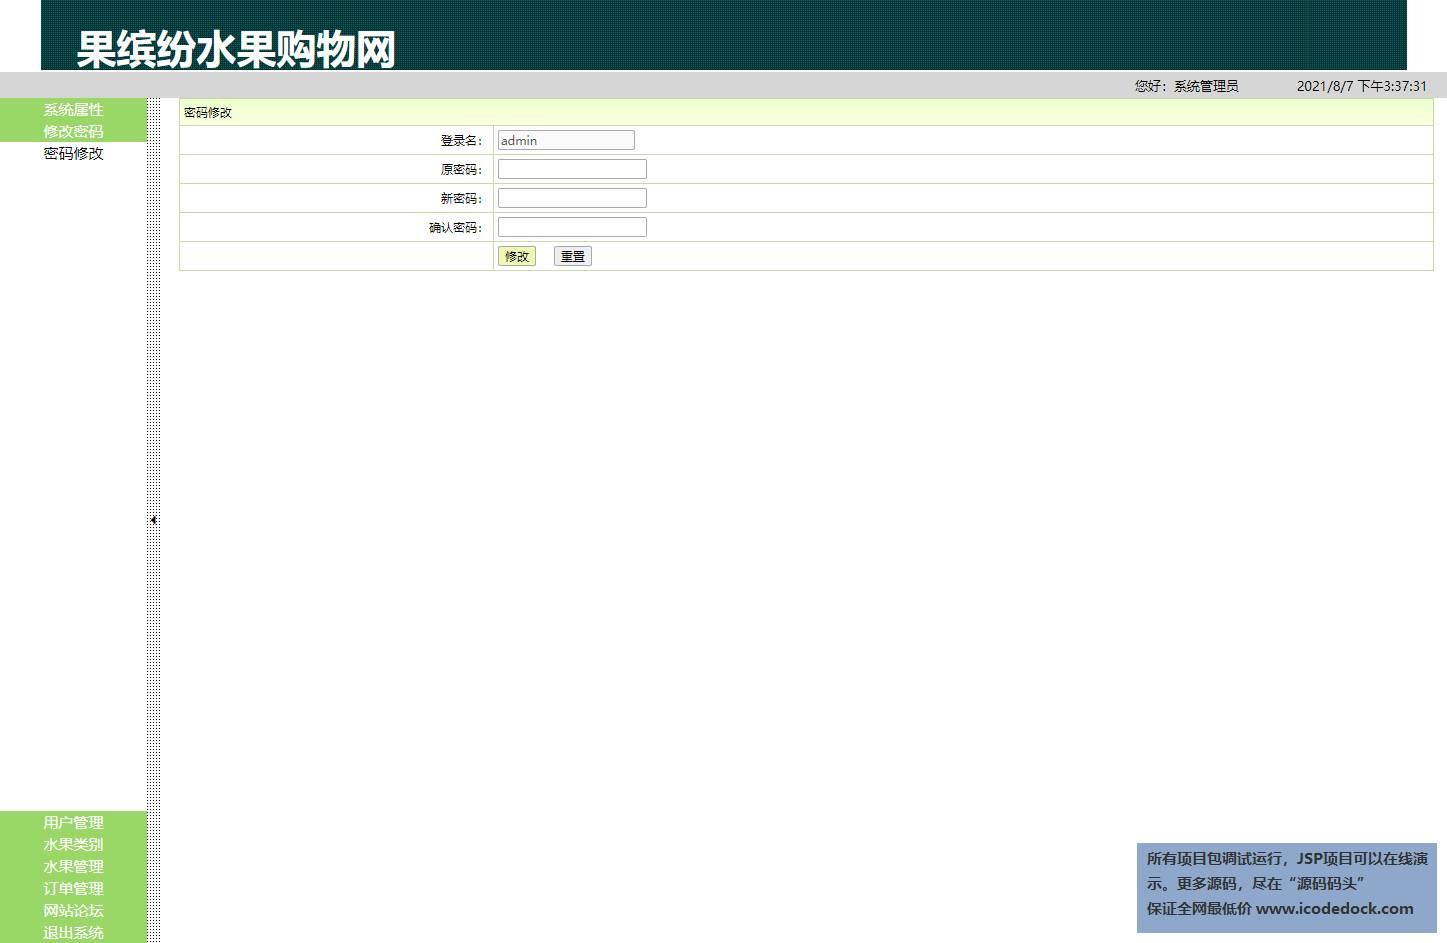 源码码头-SSH在线水果商城平台含管理系统-管理员角色-修改密码